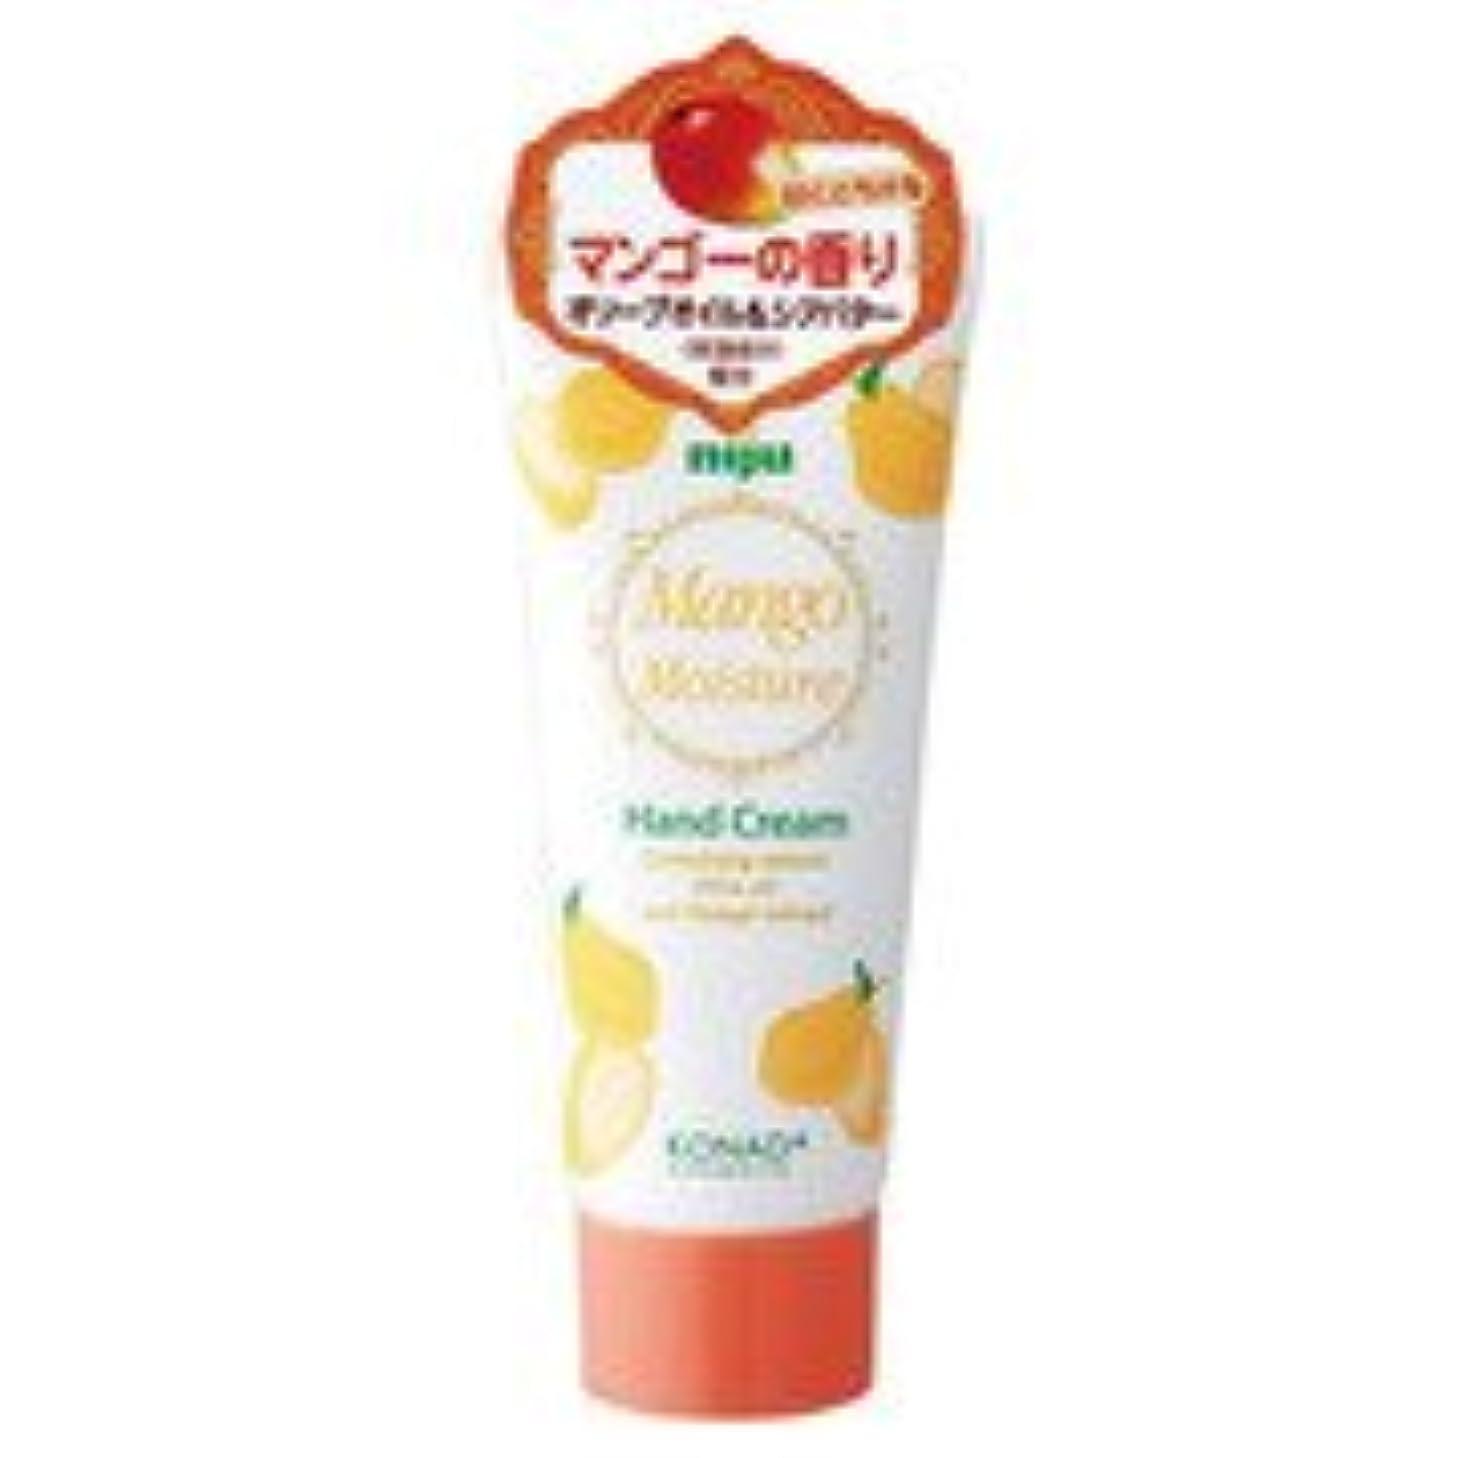 干し草疑わしい実験をするniju(ニジュウ) モイスチャーハンドクリーム マンゴーの香り 60ml